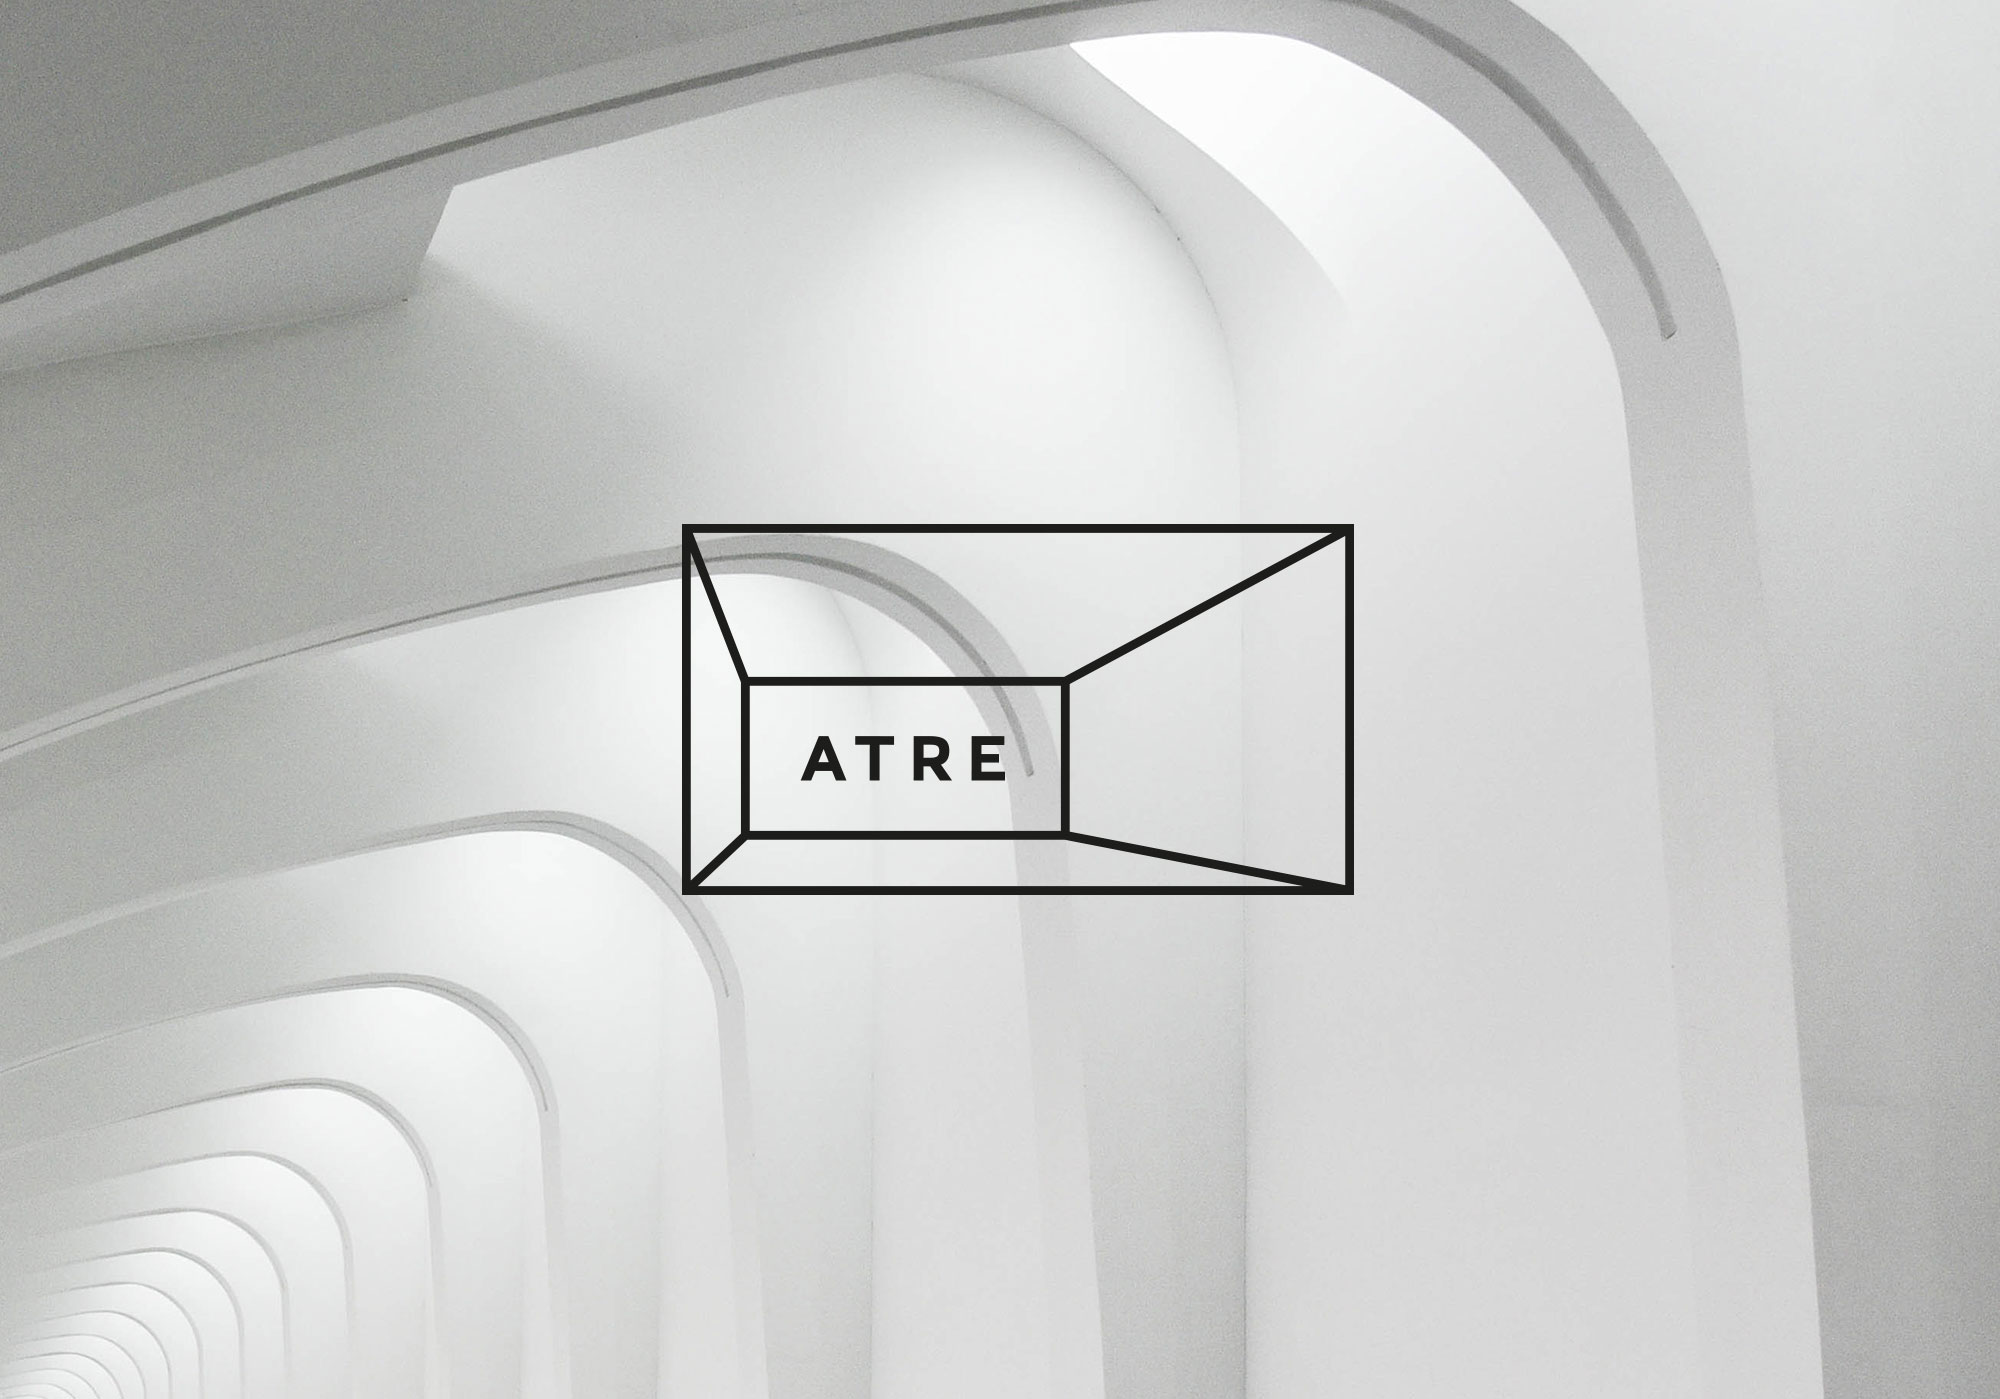 atre_site1